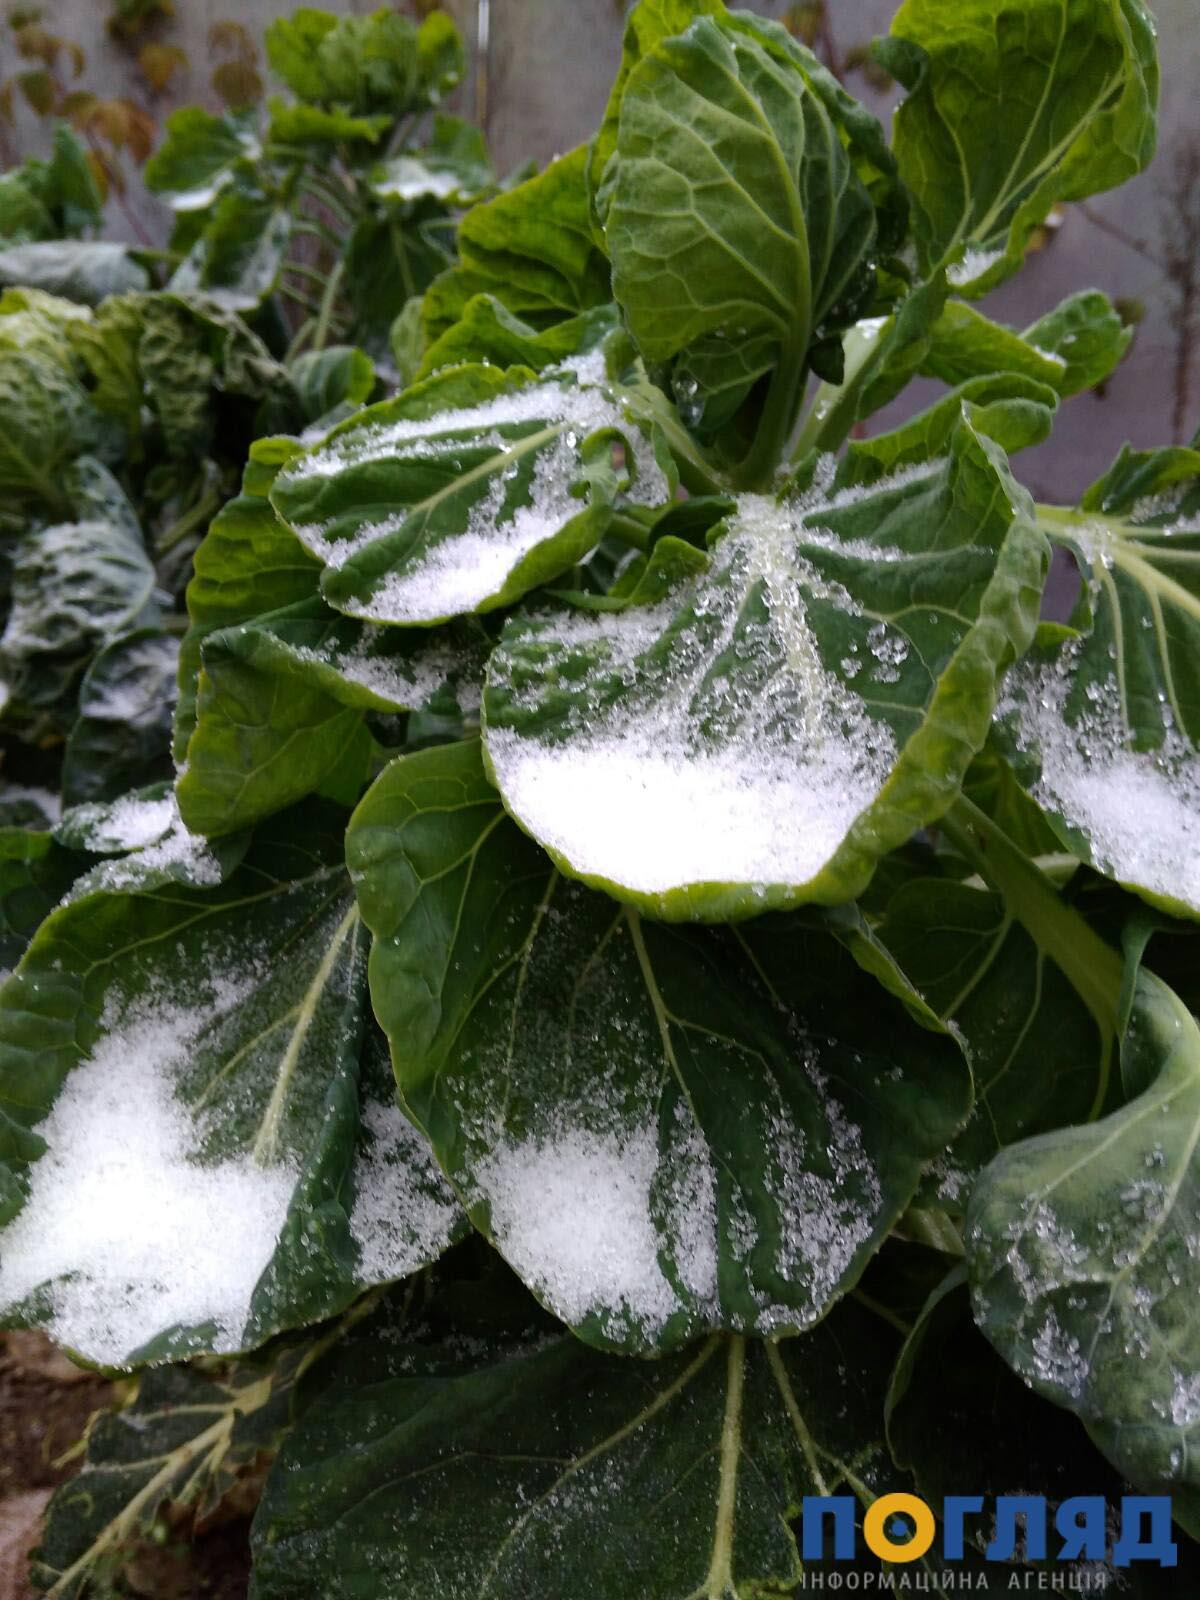 Засніжило: на Київщині випав перший сніг (ФОТО) - сніг, погода, перший сніг - 17 sneg borodyanka2